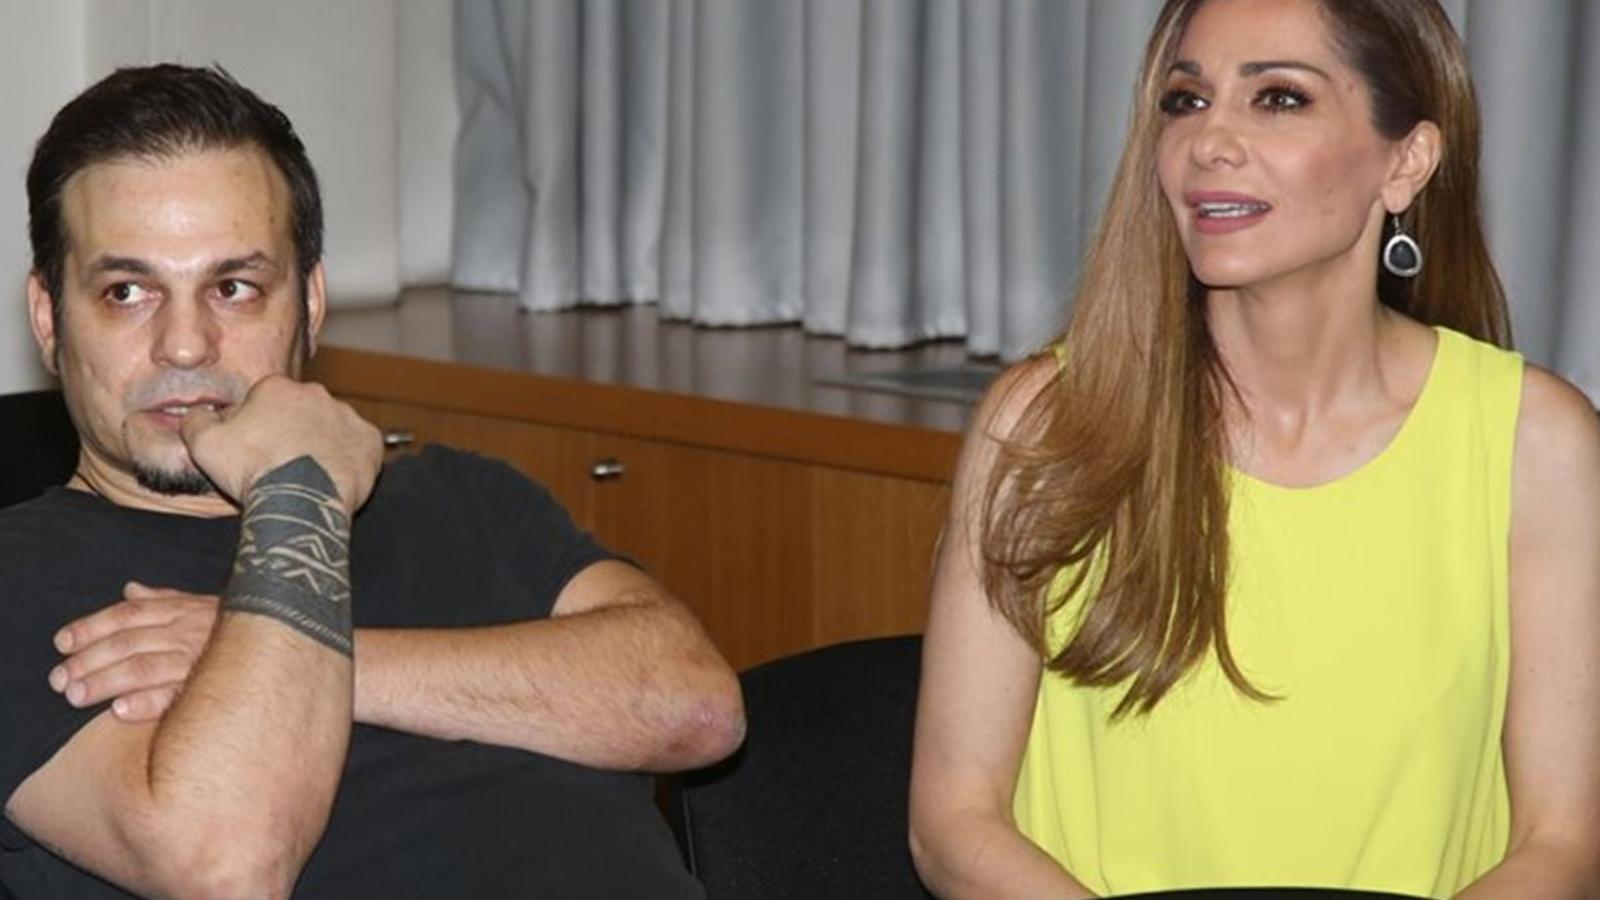 Δέσποινα Βανδή – Ντέμης Νικολαΐδης: Η επίσημη ανακοίνωση για τη λύση του γάμου τους